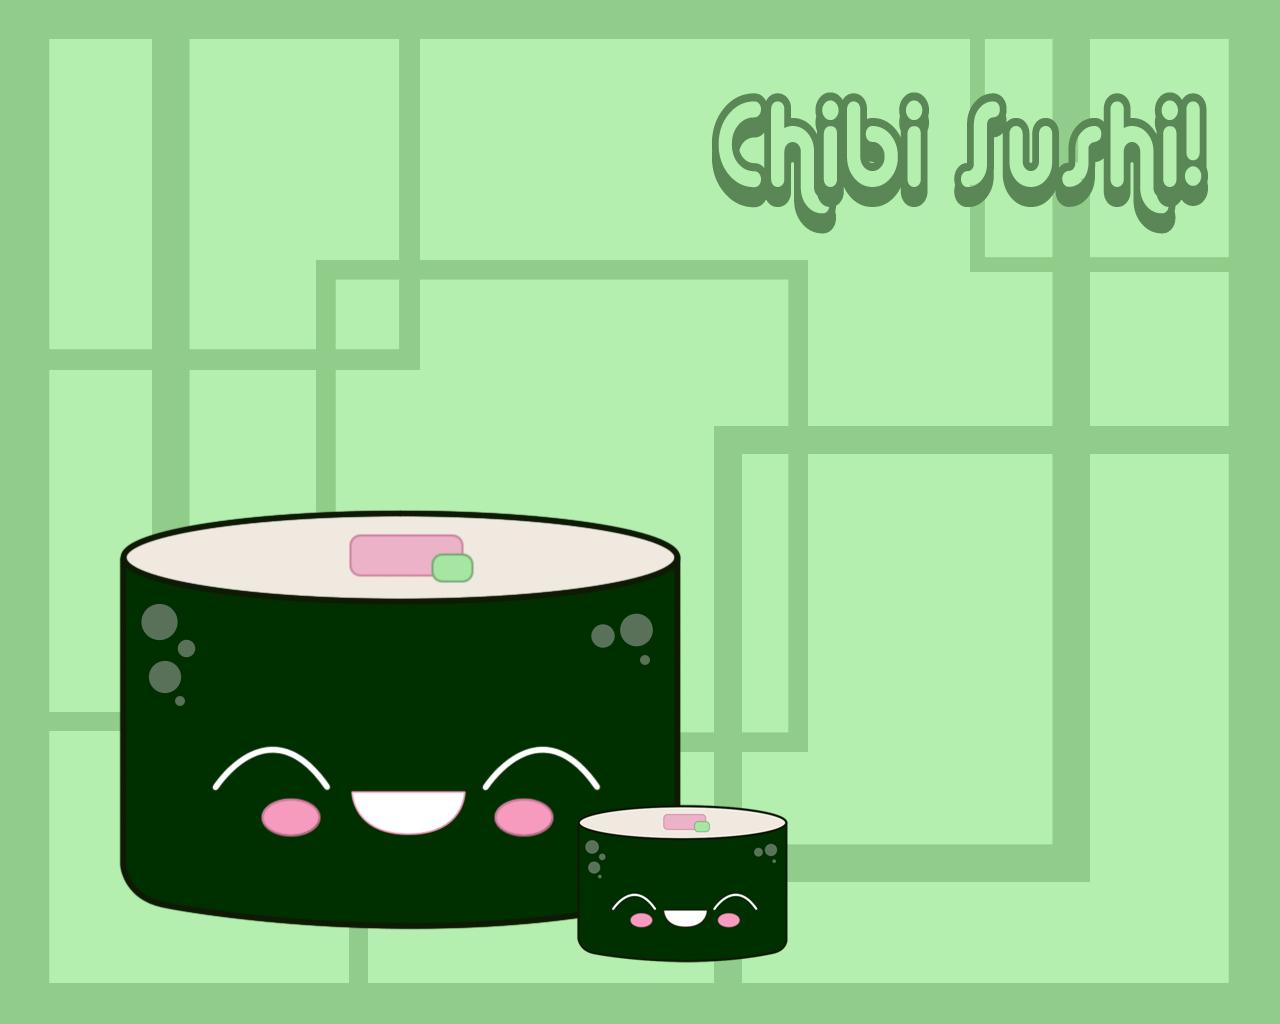 Chibi Sushi